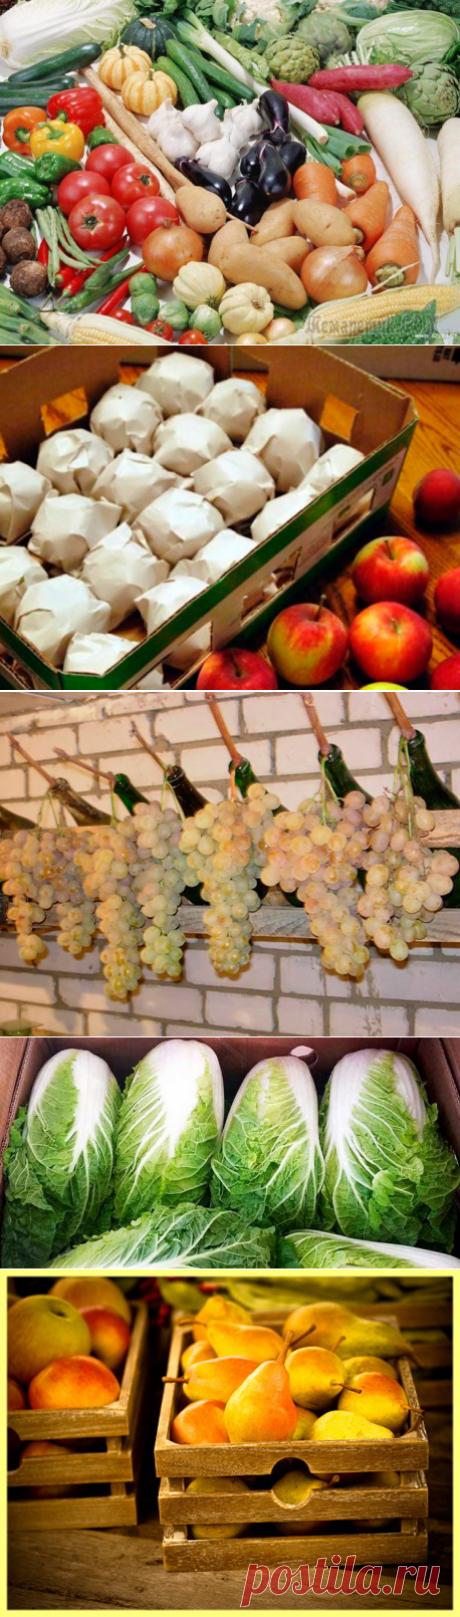 Como guardar correctamente hortalizas y las frutas en el sótano